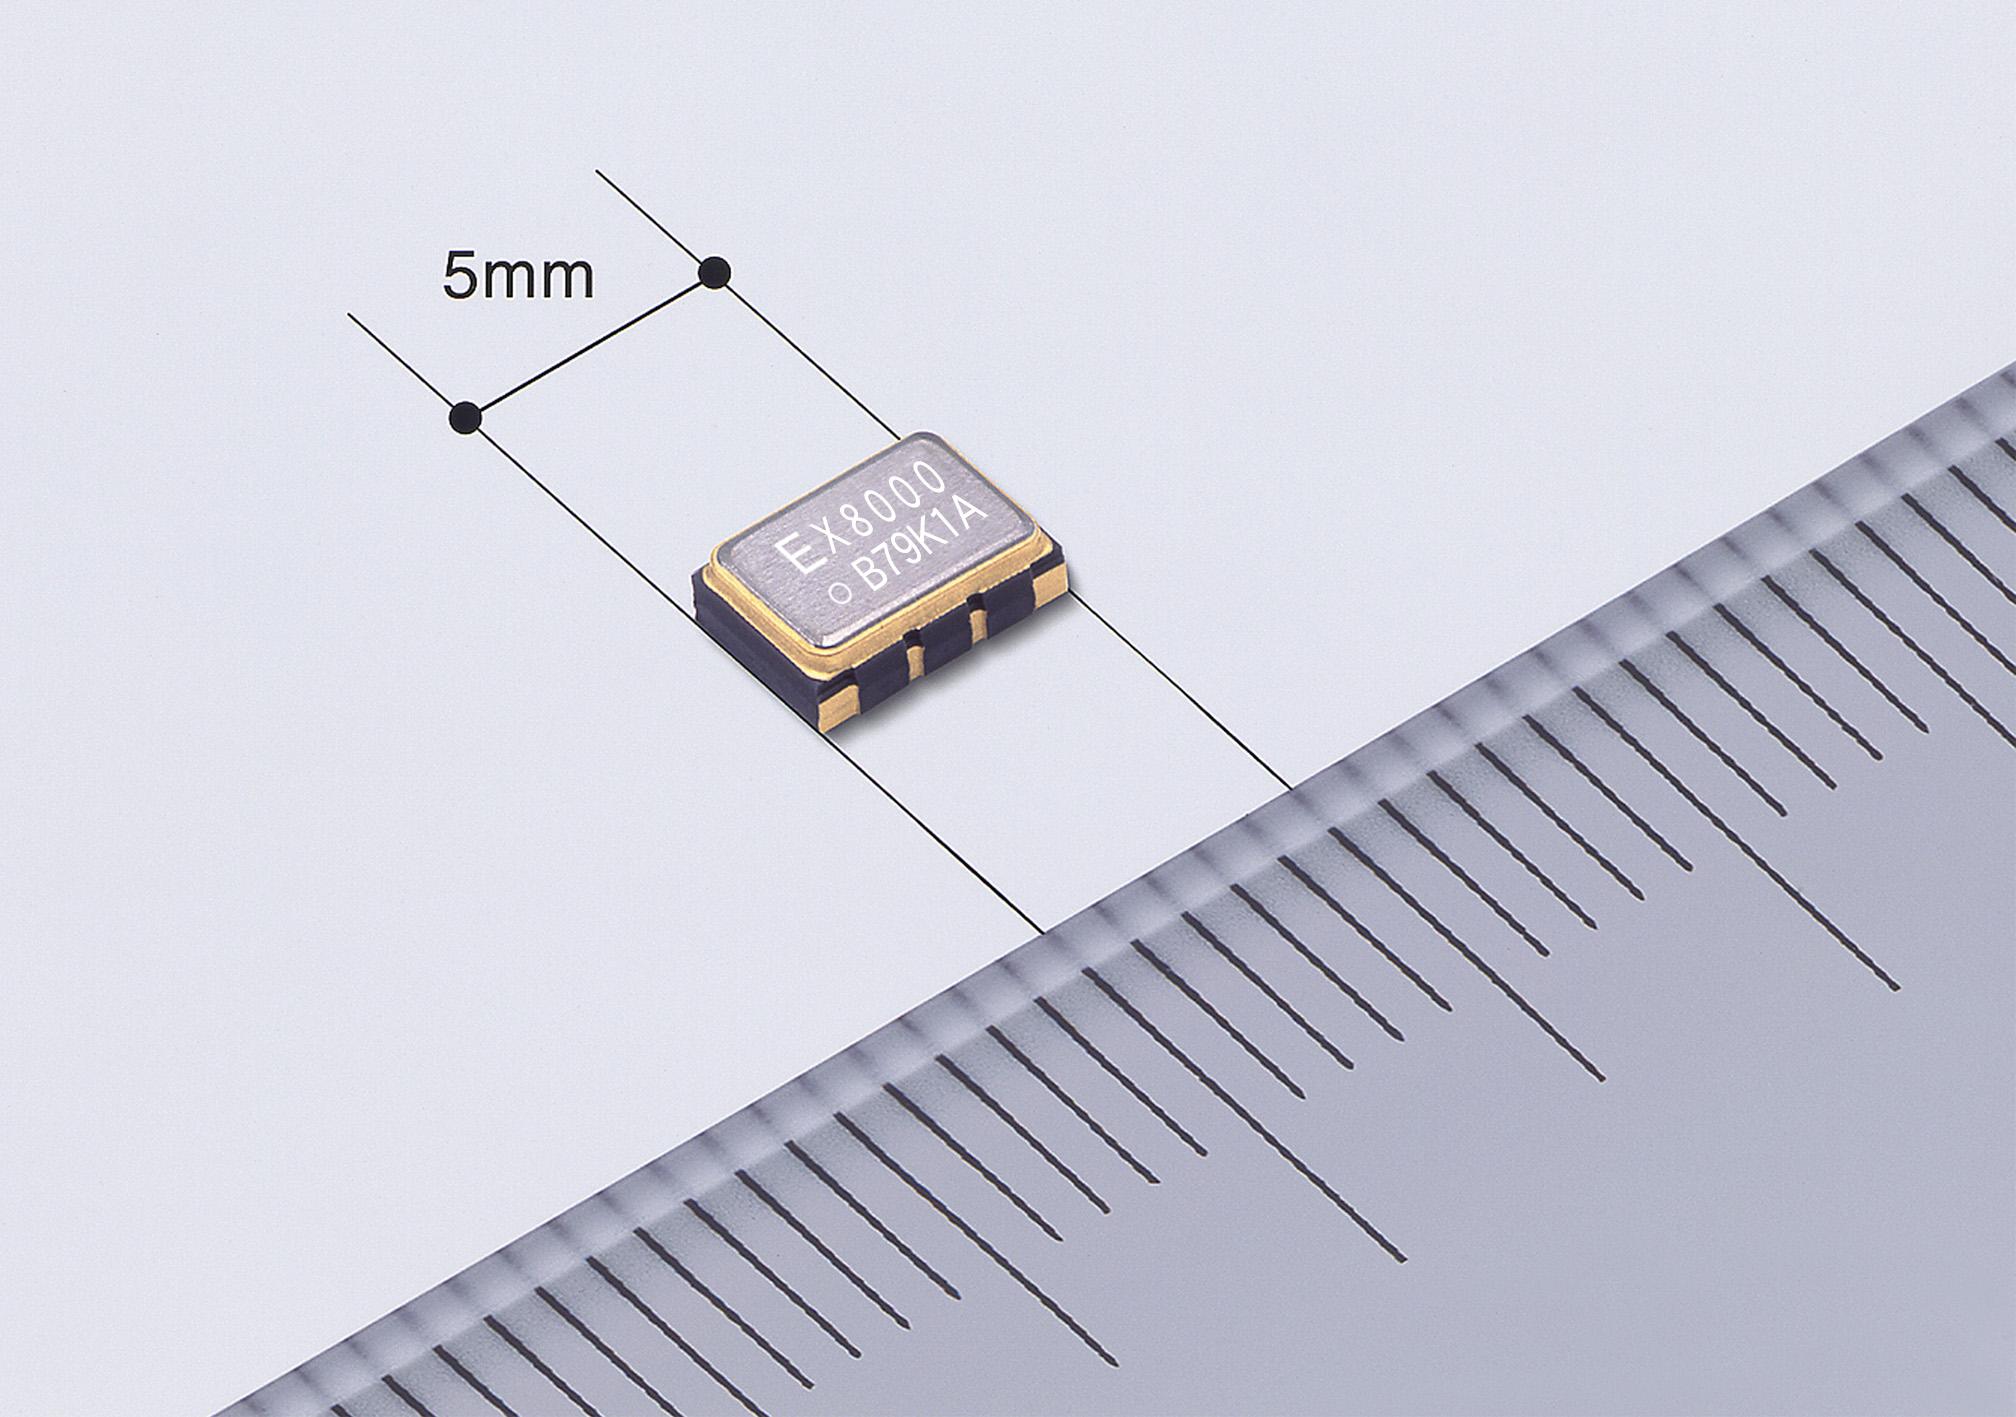 схема электроники умного пьезо- датчика давления